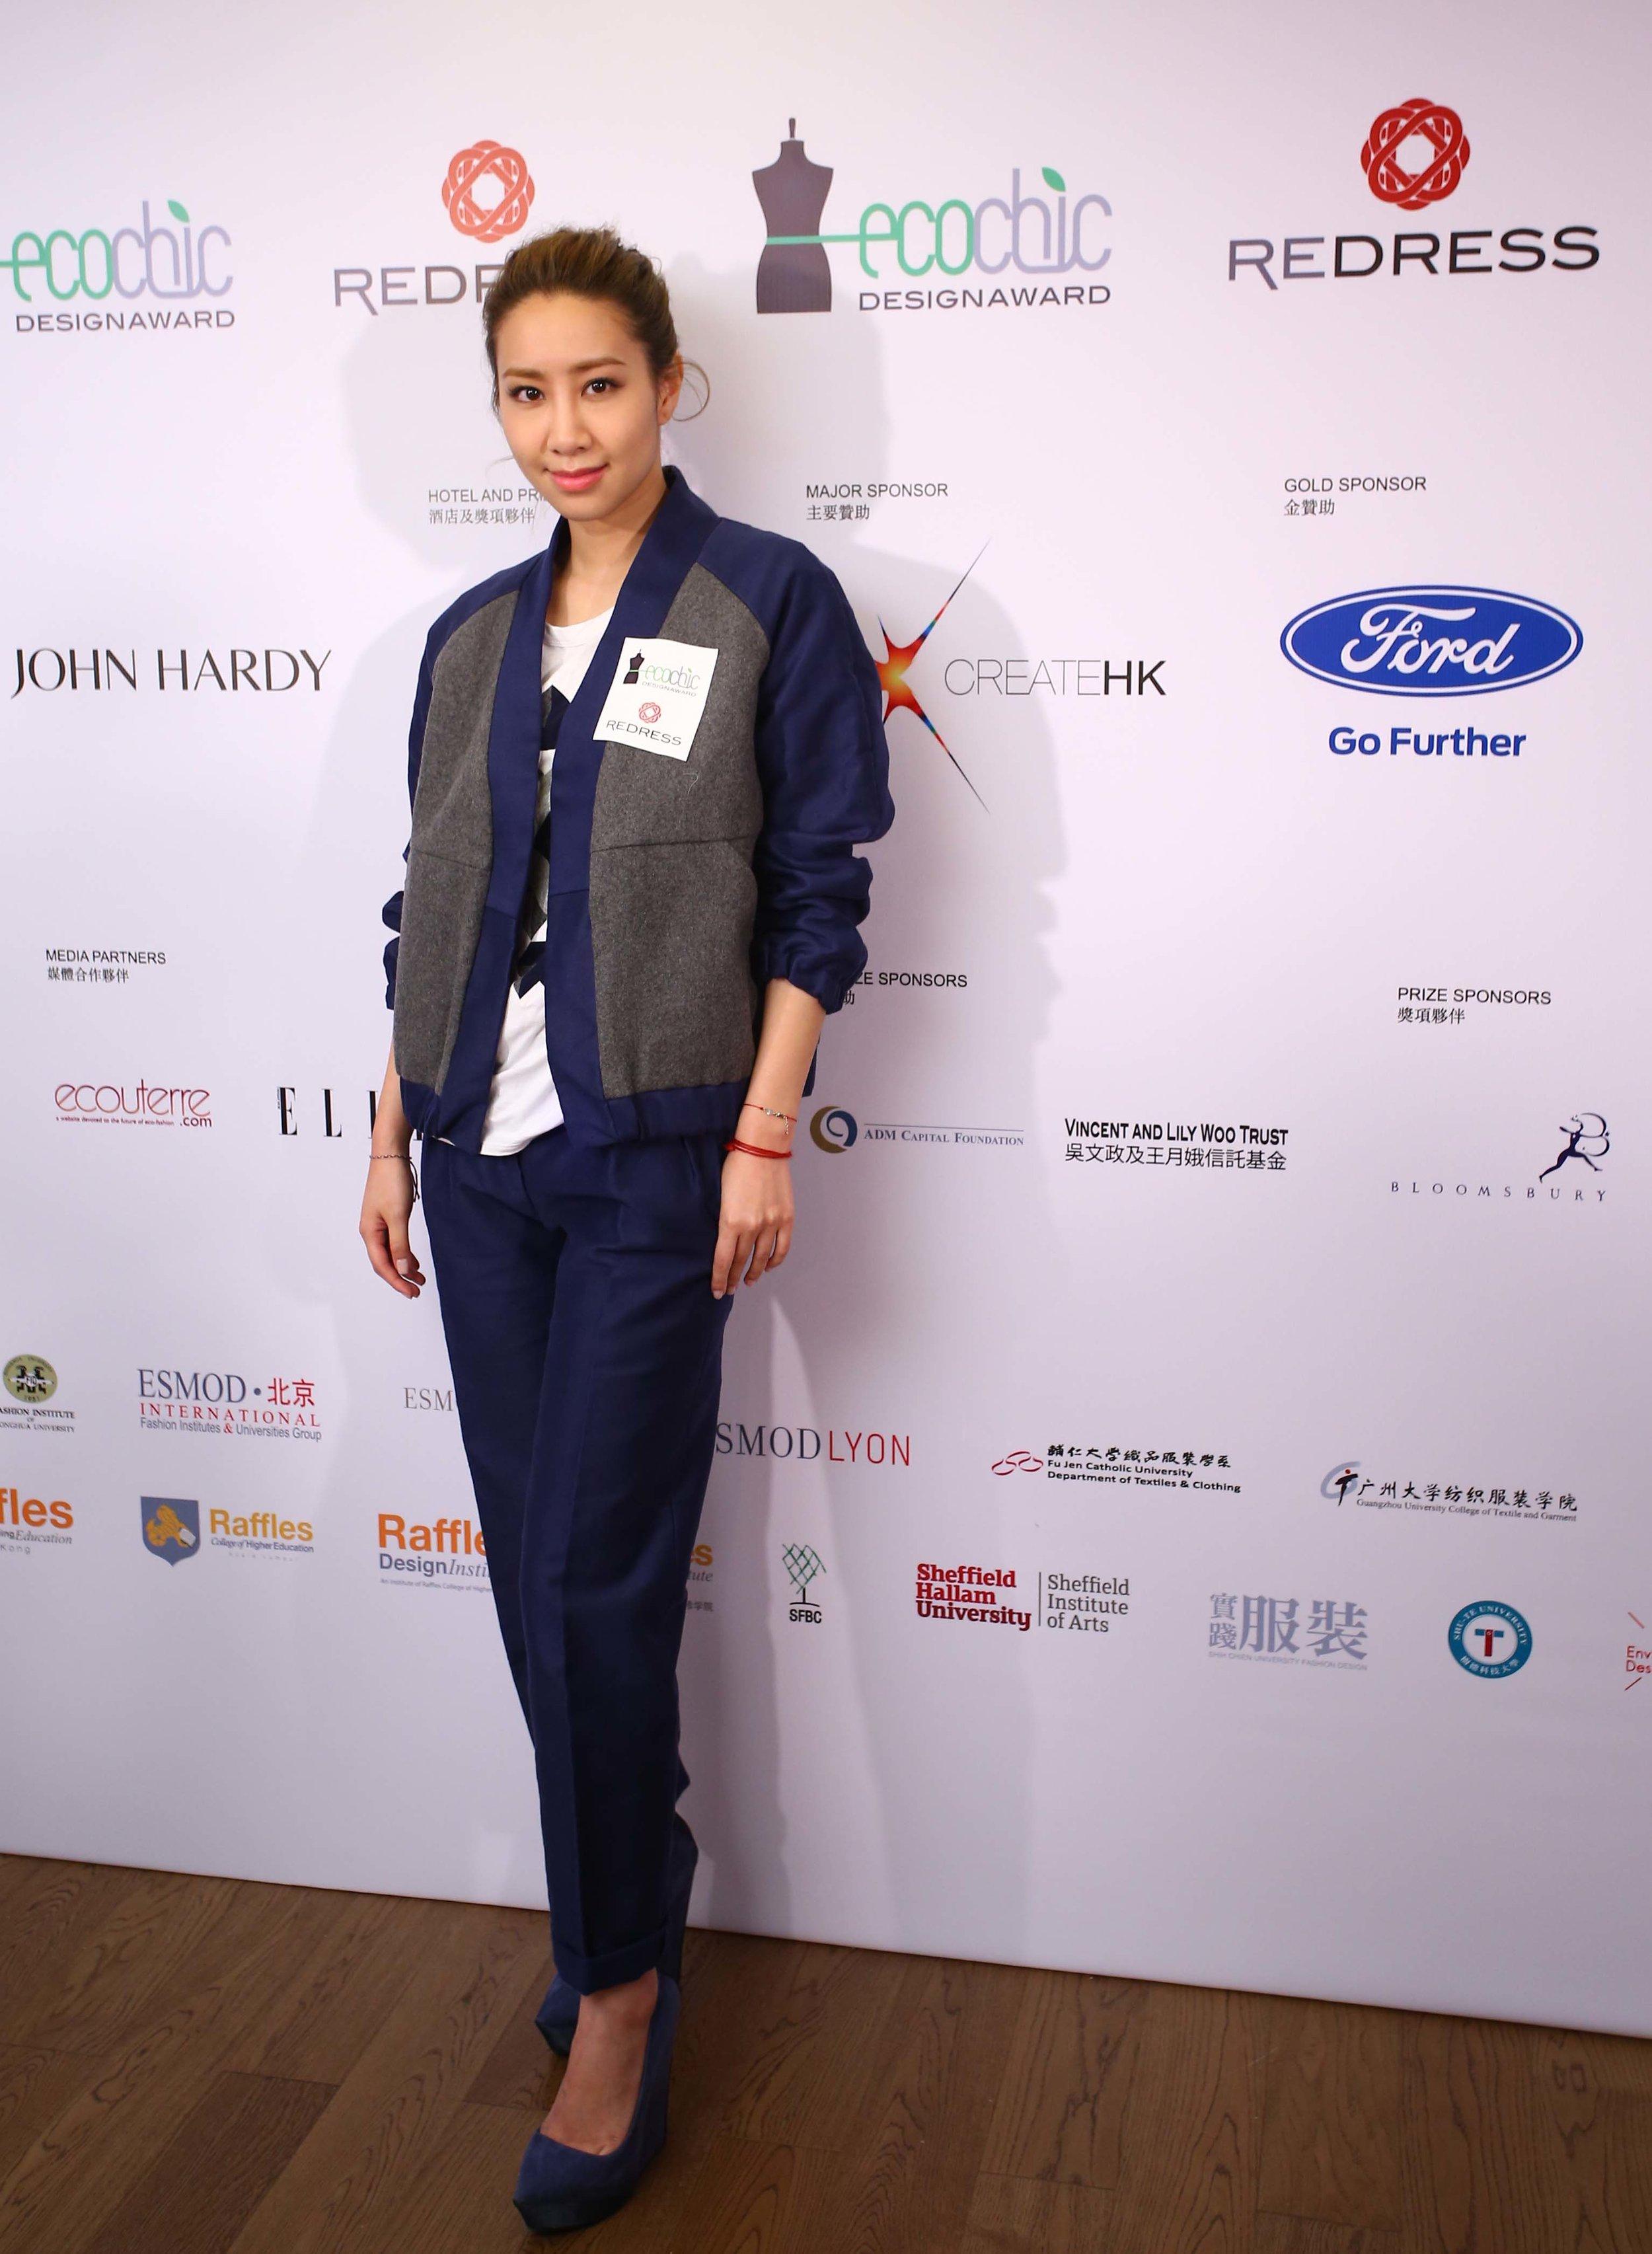 Hong Kong singer Kary Ng wears Louise de Testa to attend the Redress Design Award 2015/16 Hong Kong launch event